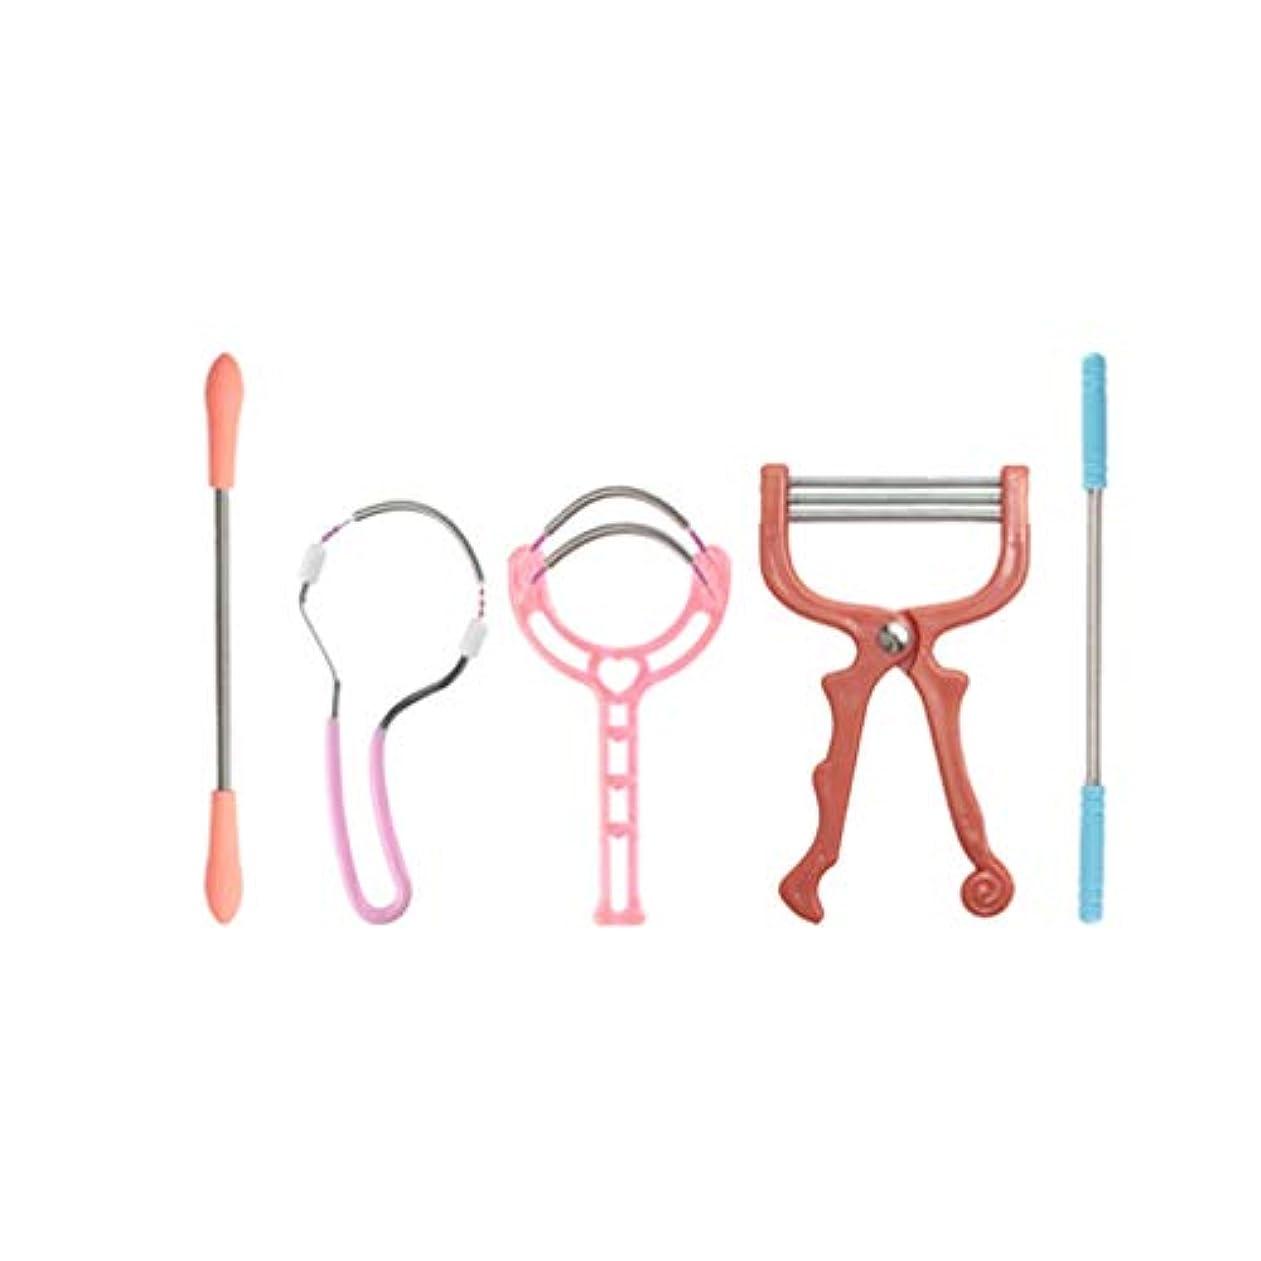 安全性登場エレクトロニックHealifty 女性のクリニークのための脱毛春の脱毛スレッドコイル美容ツール(ランダムカラー)